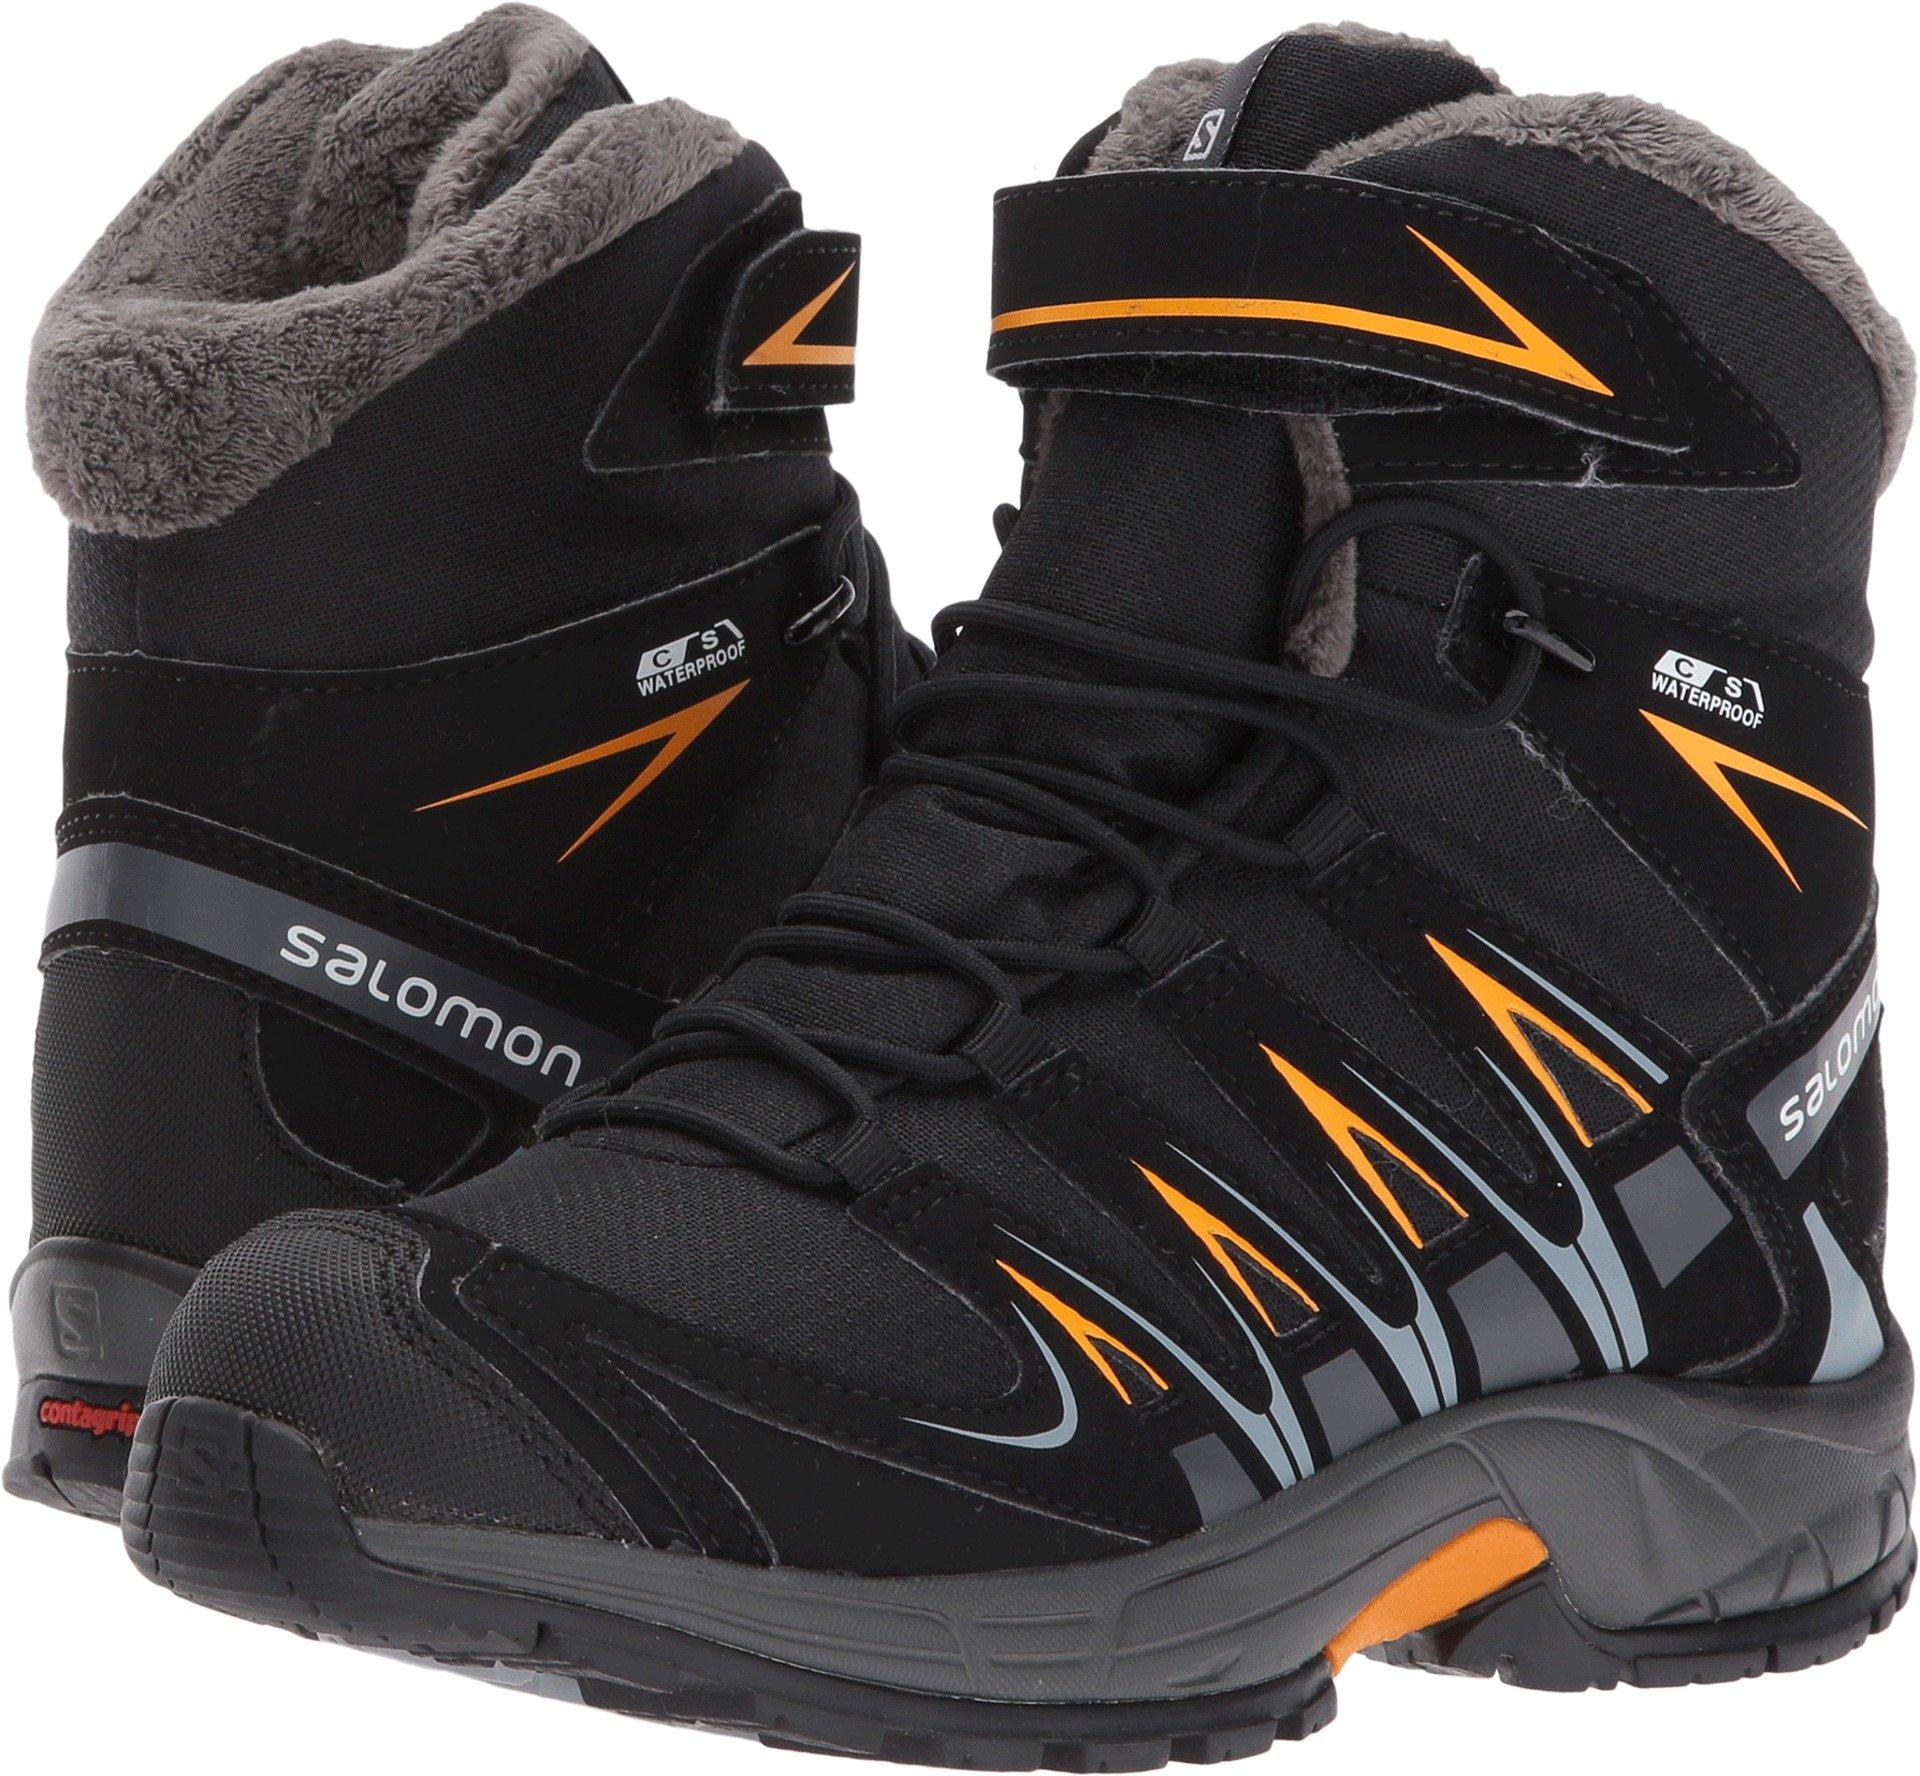 Salomon Kid's XA Pro 3D Winter TS CSWP Snow Boots, Black, Textile, Faux Fur, Rubber, 2 Little Kid M